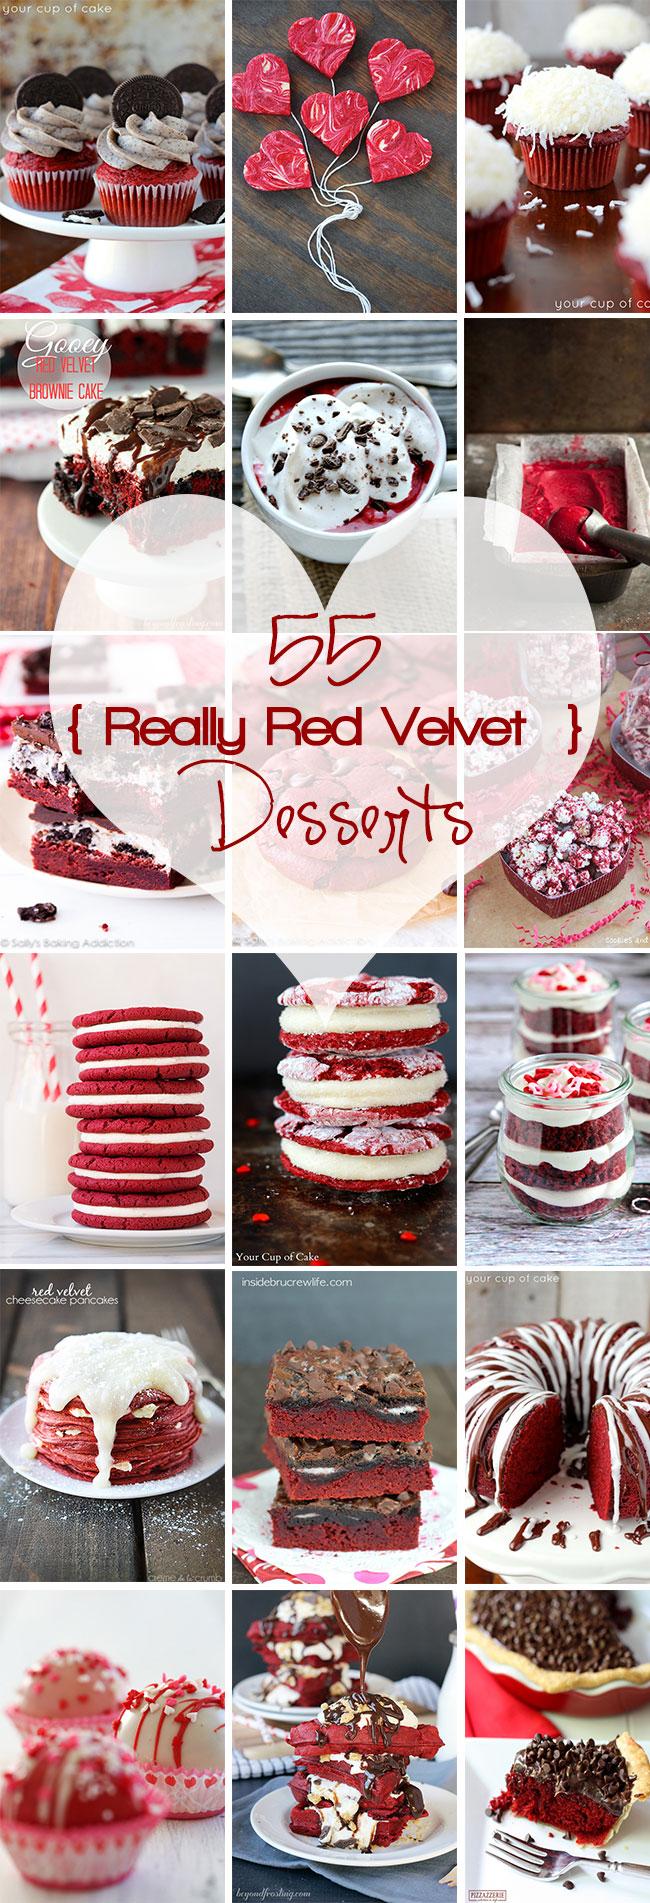 55 Really Red Velvet Desserts